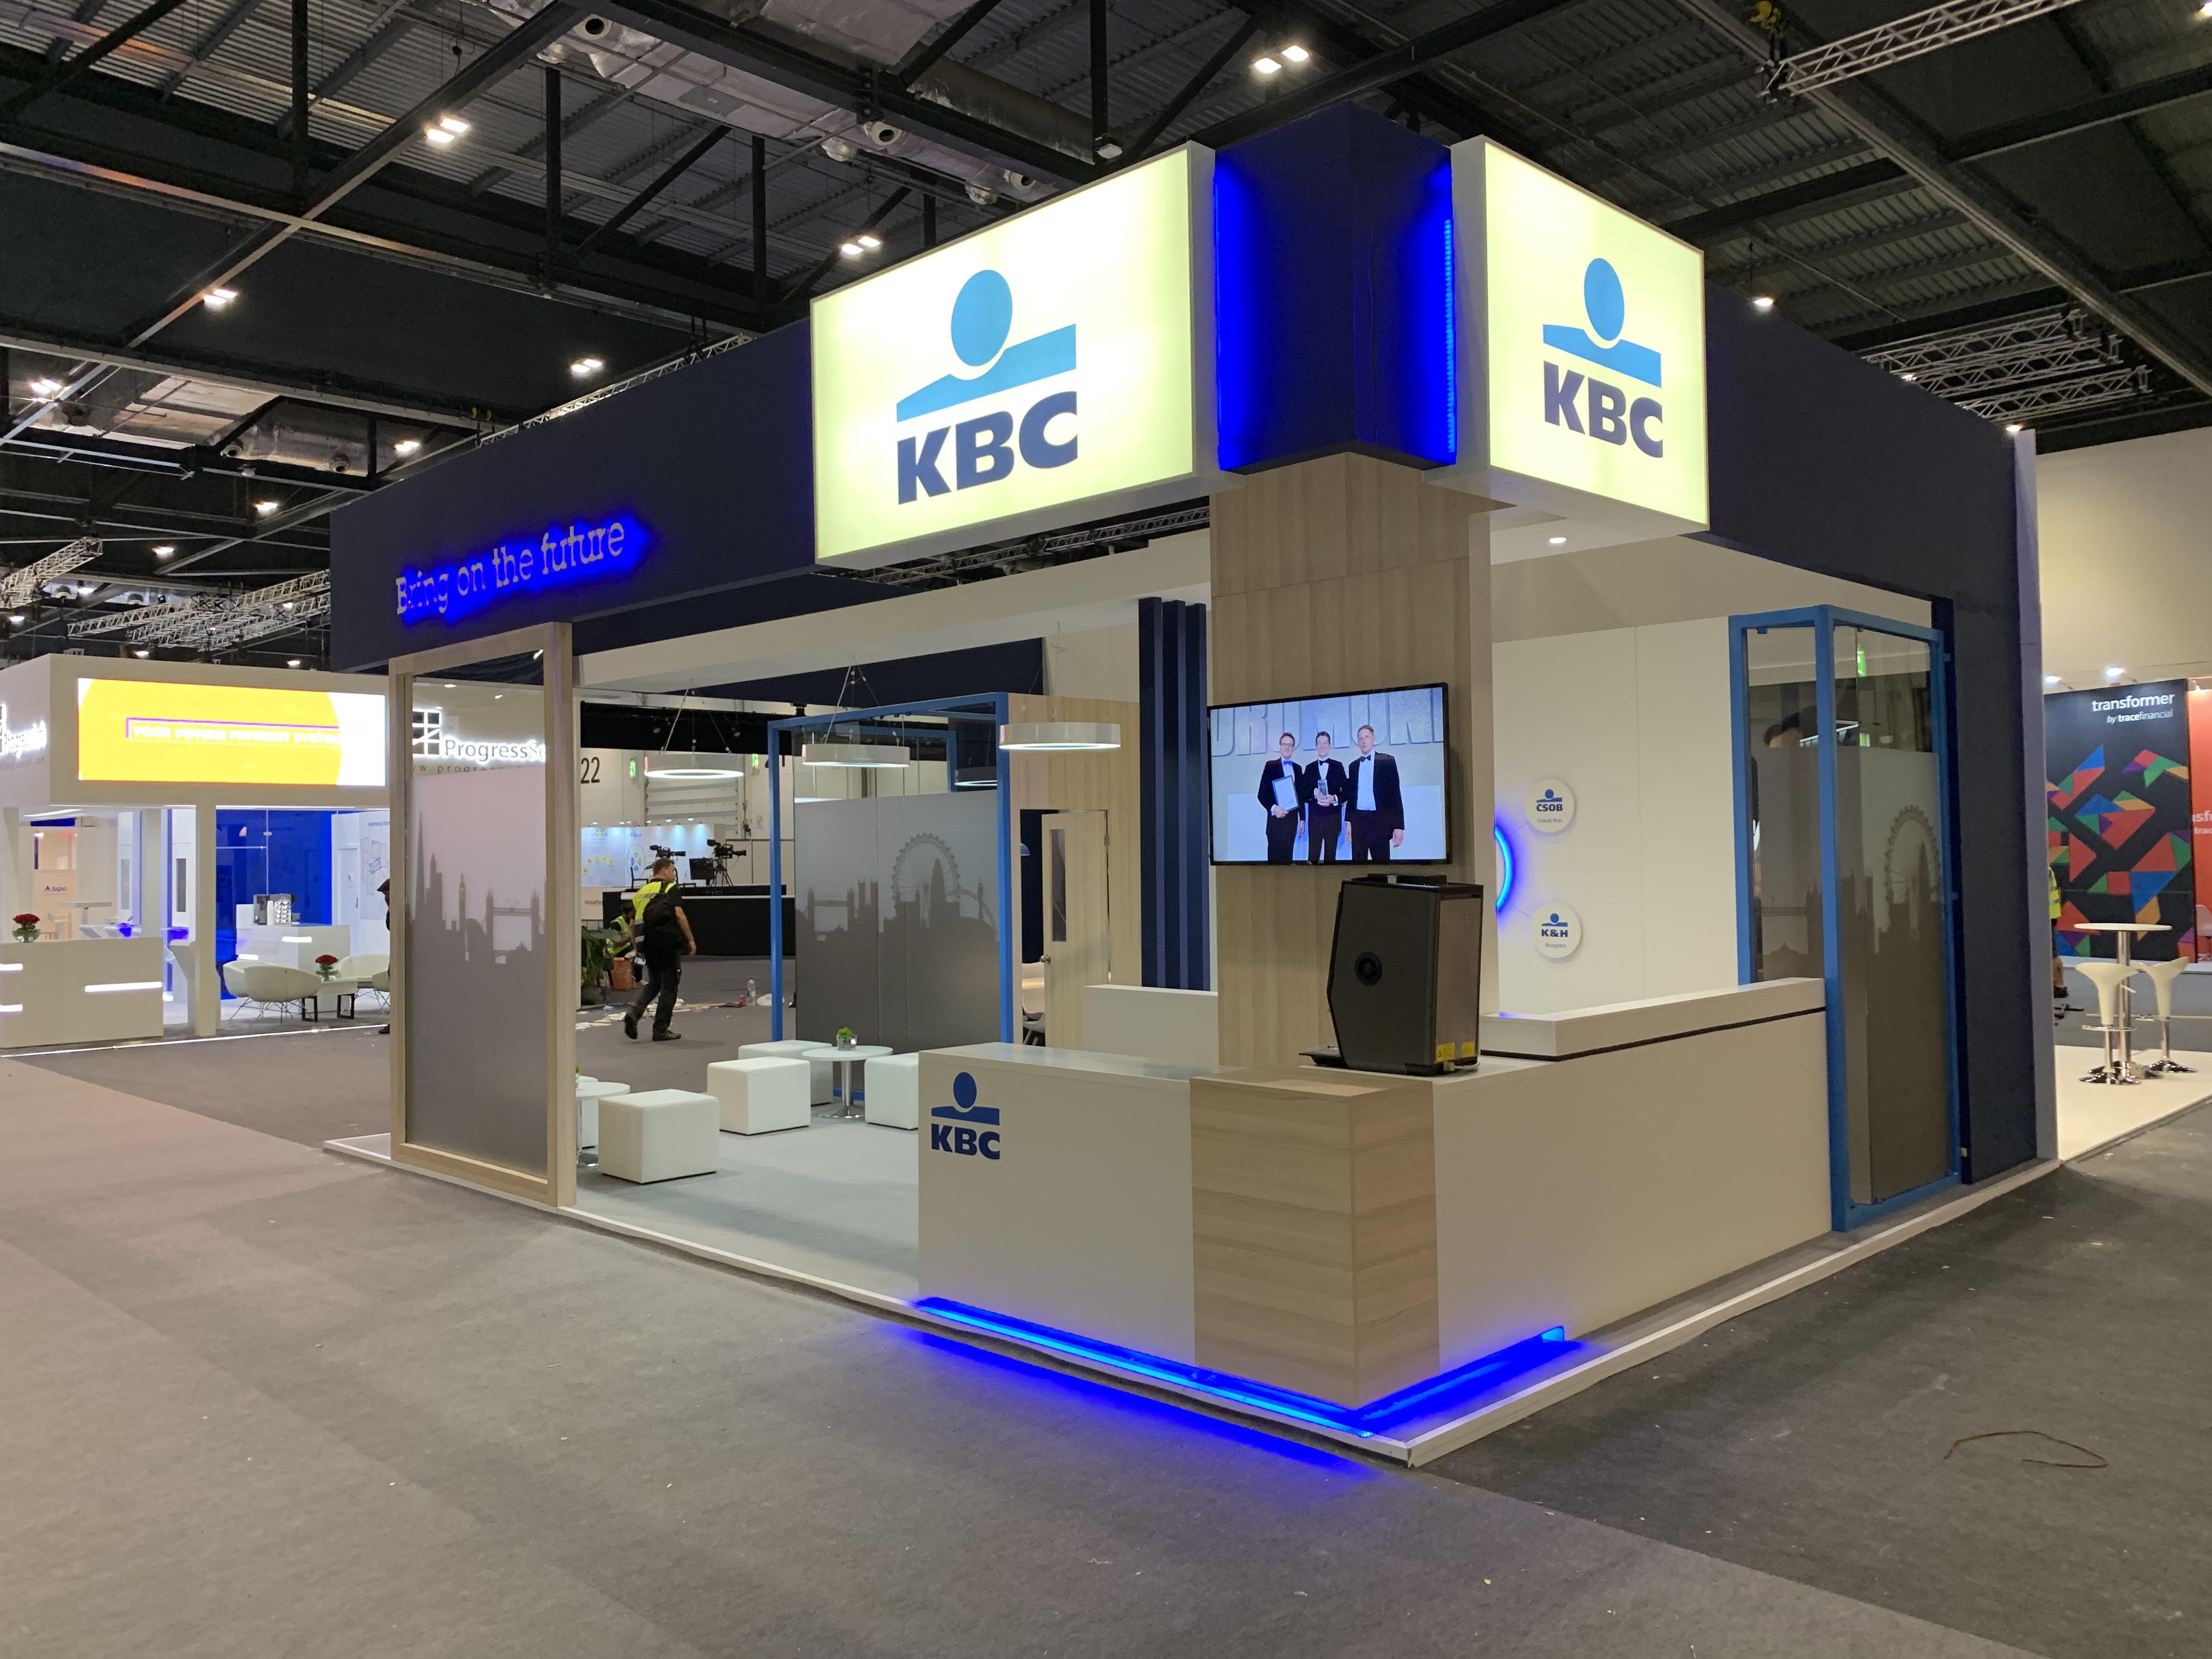 KBC at Sibos 2019